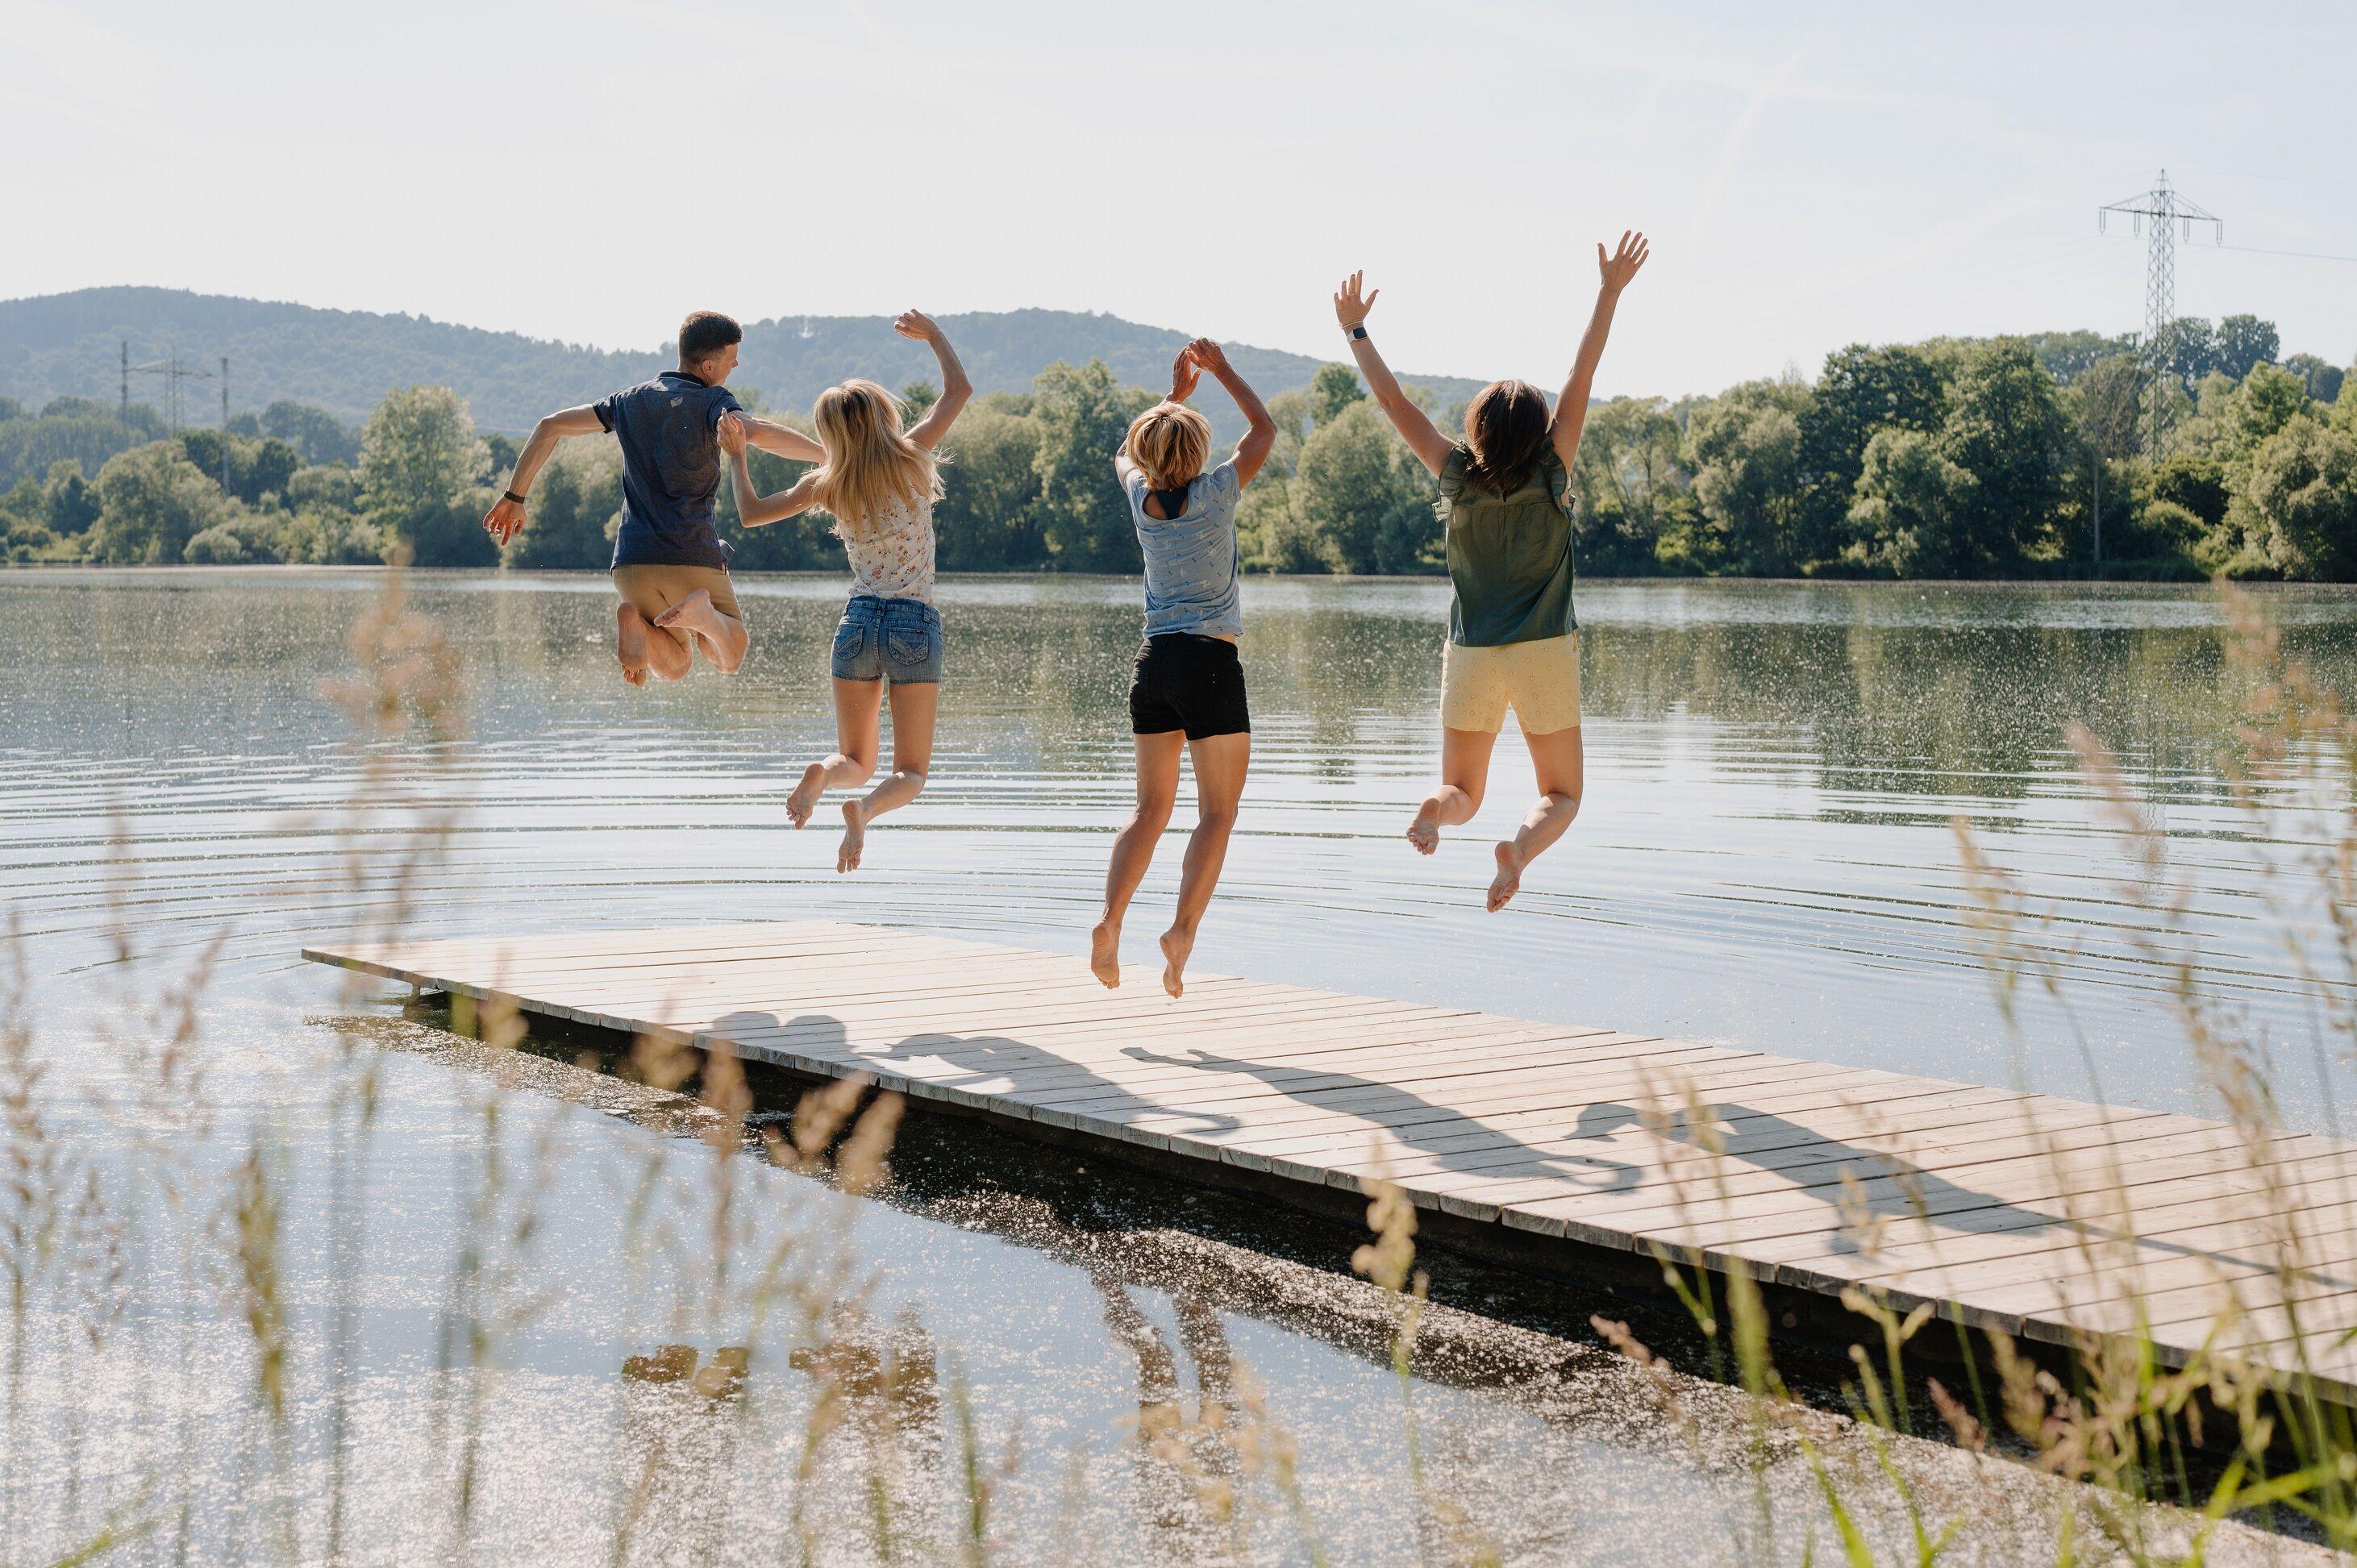 Die Veranstaltungsvielfalt im Obermain•Jura verspricht jede Menge Spaß. Foto: Jana M. Schuler